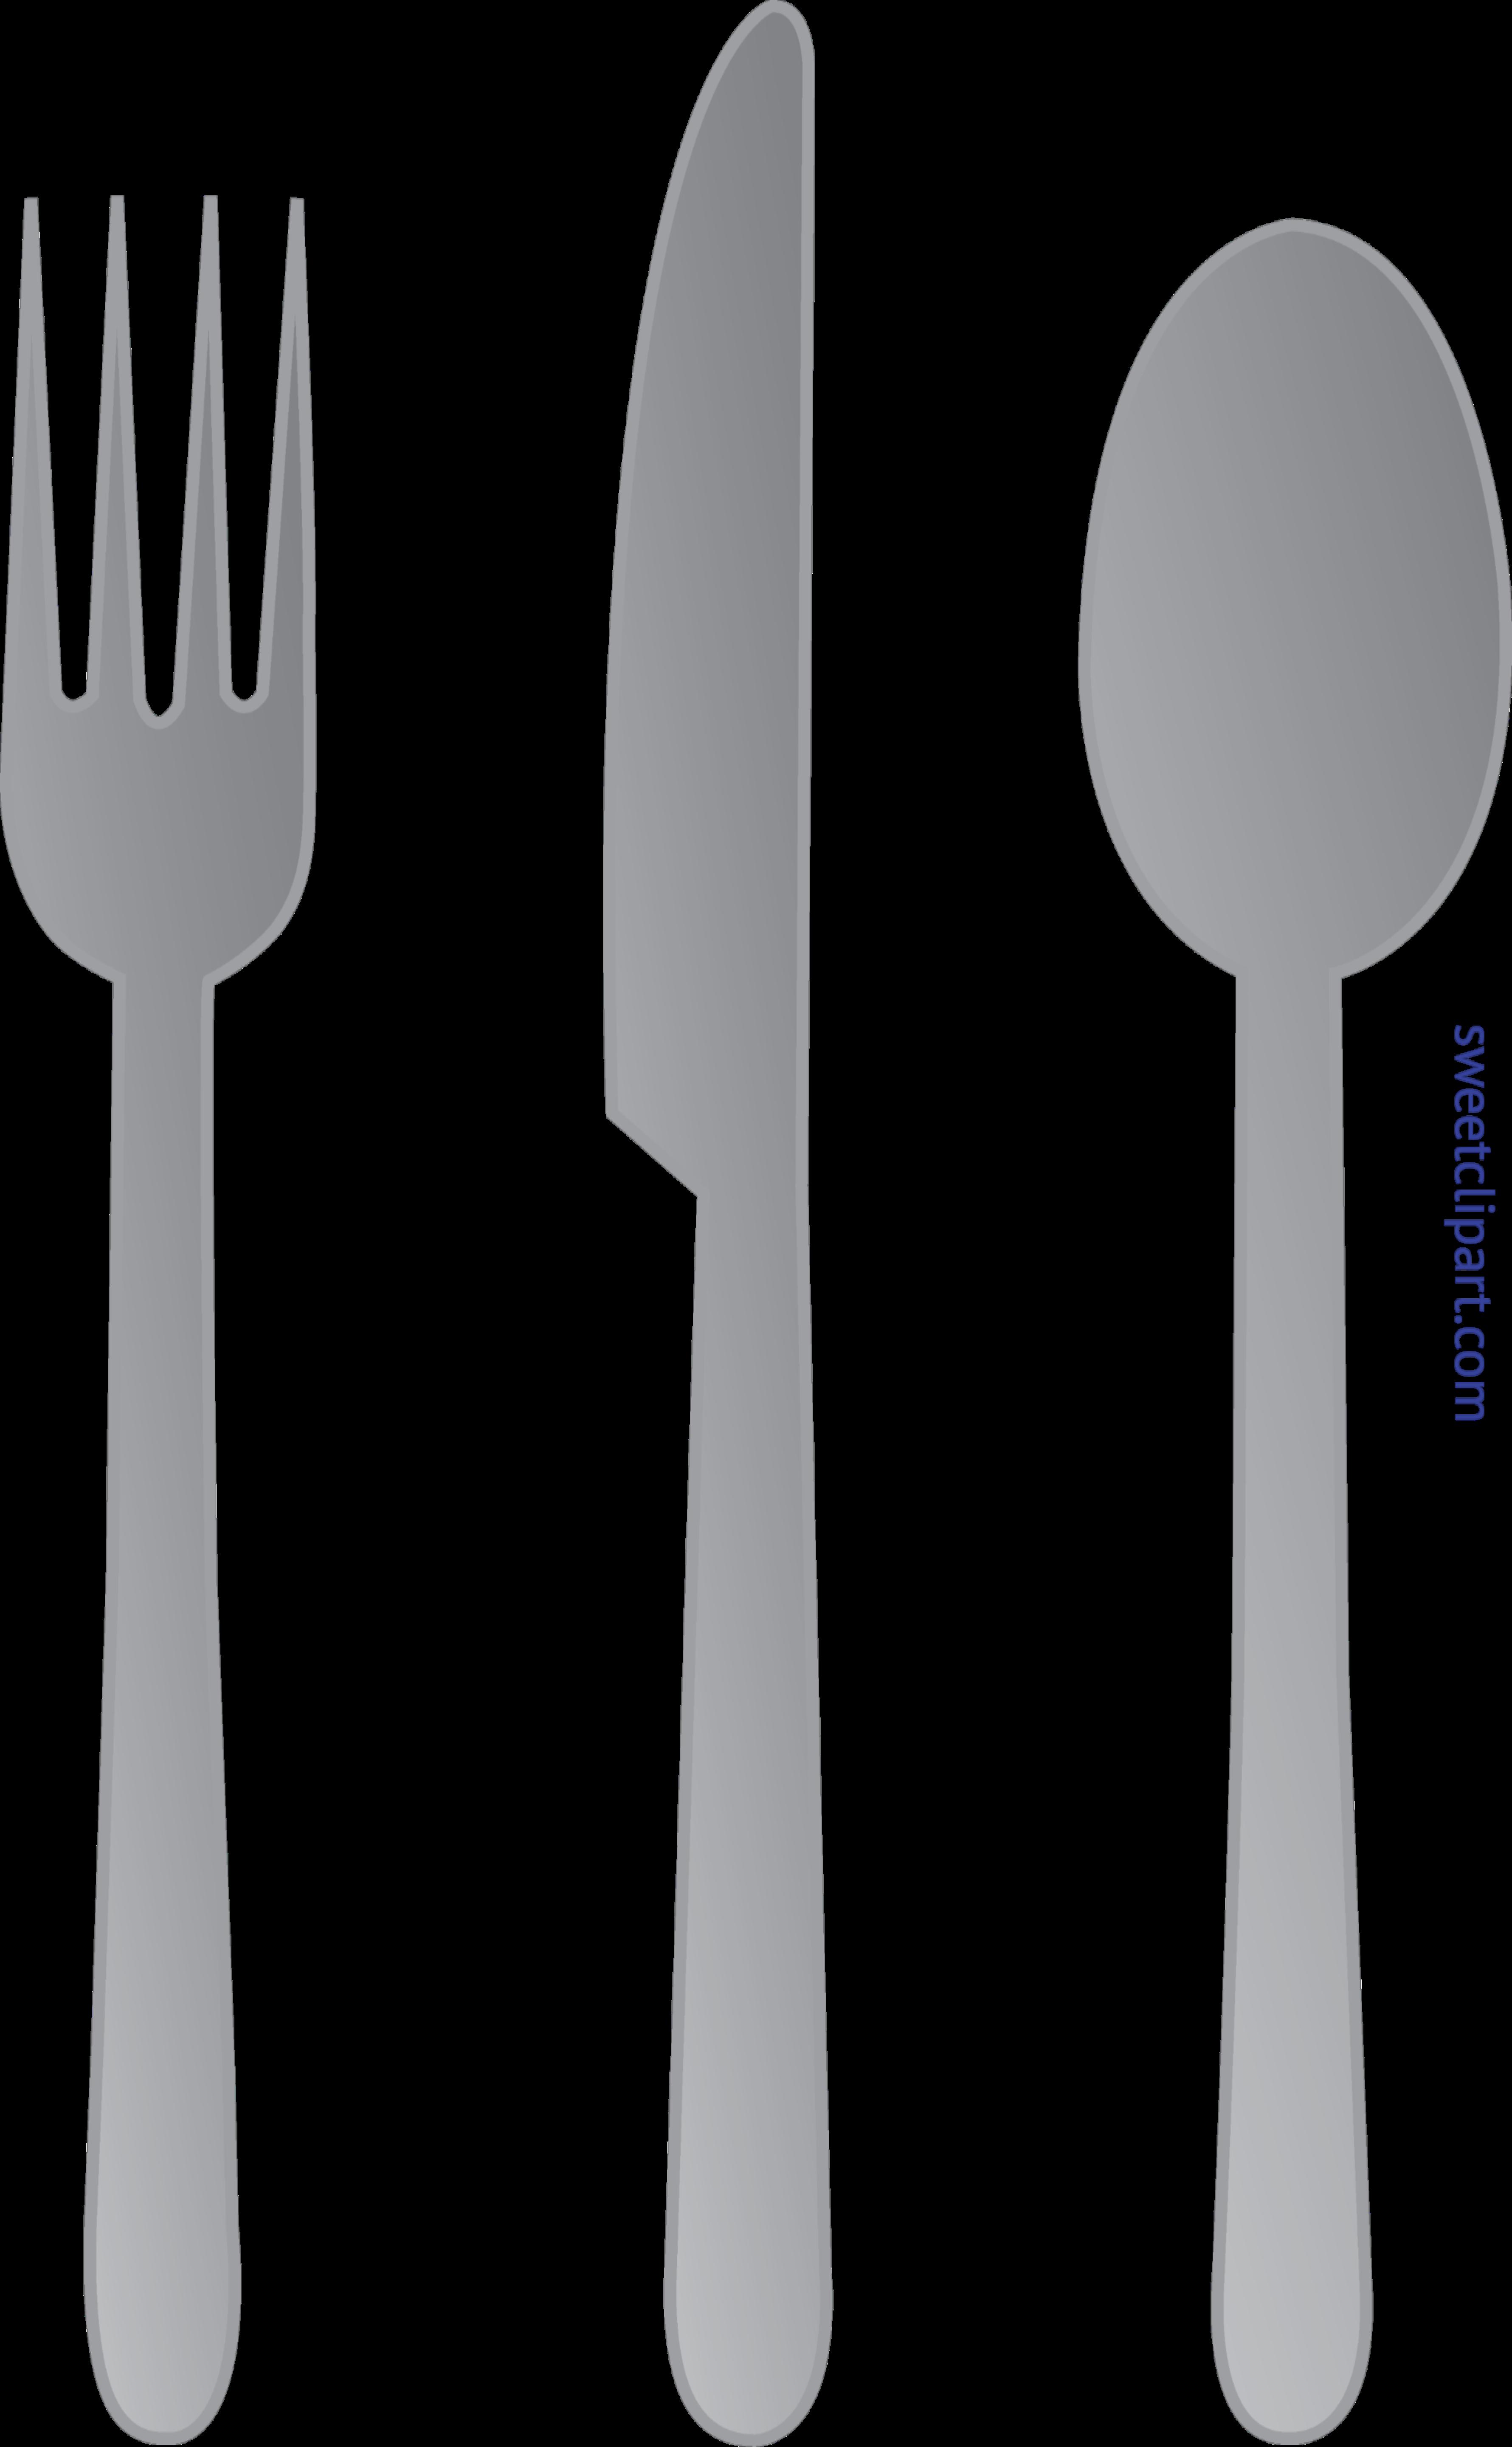 White clipart fork. Knife spoon clip art